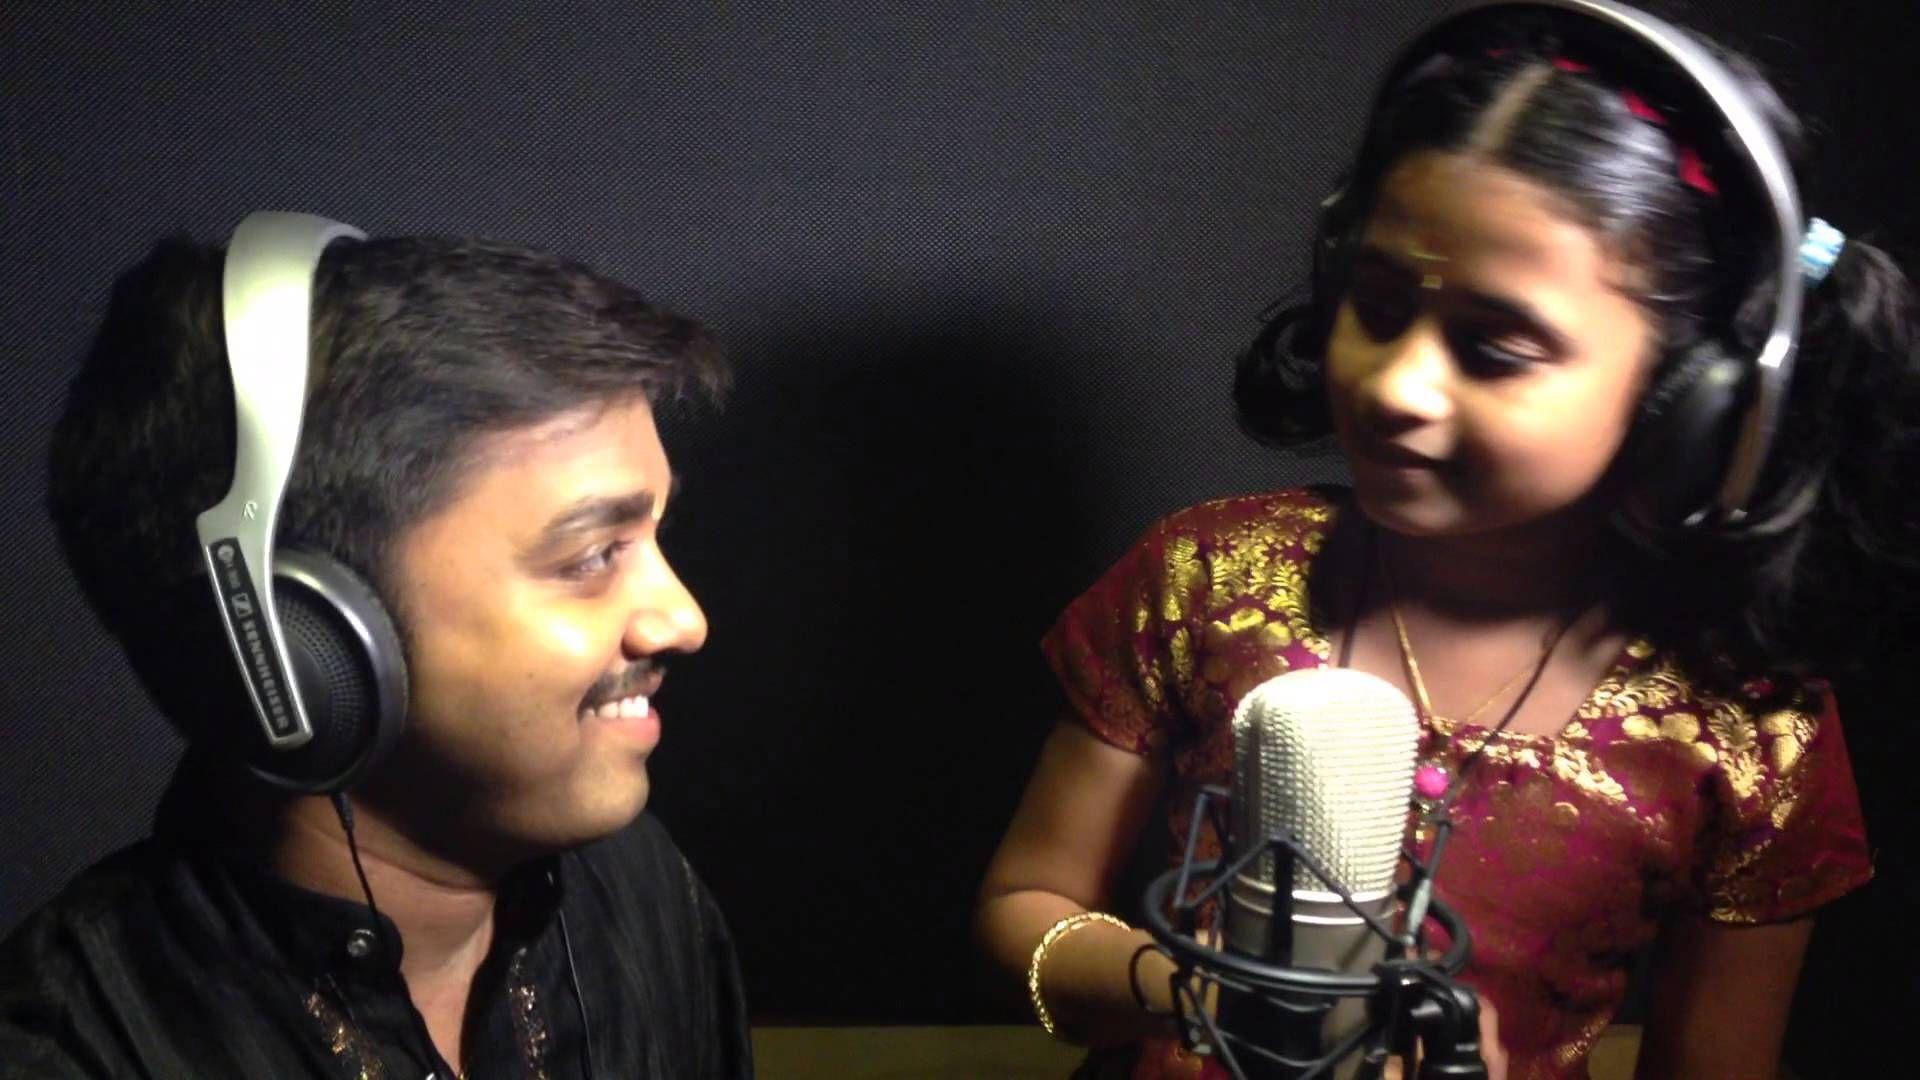 Ganesha Pancharathnam sung by 9 year old Sooryagayathri and